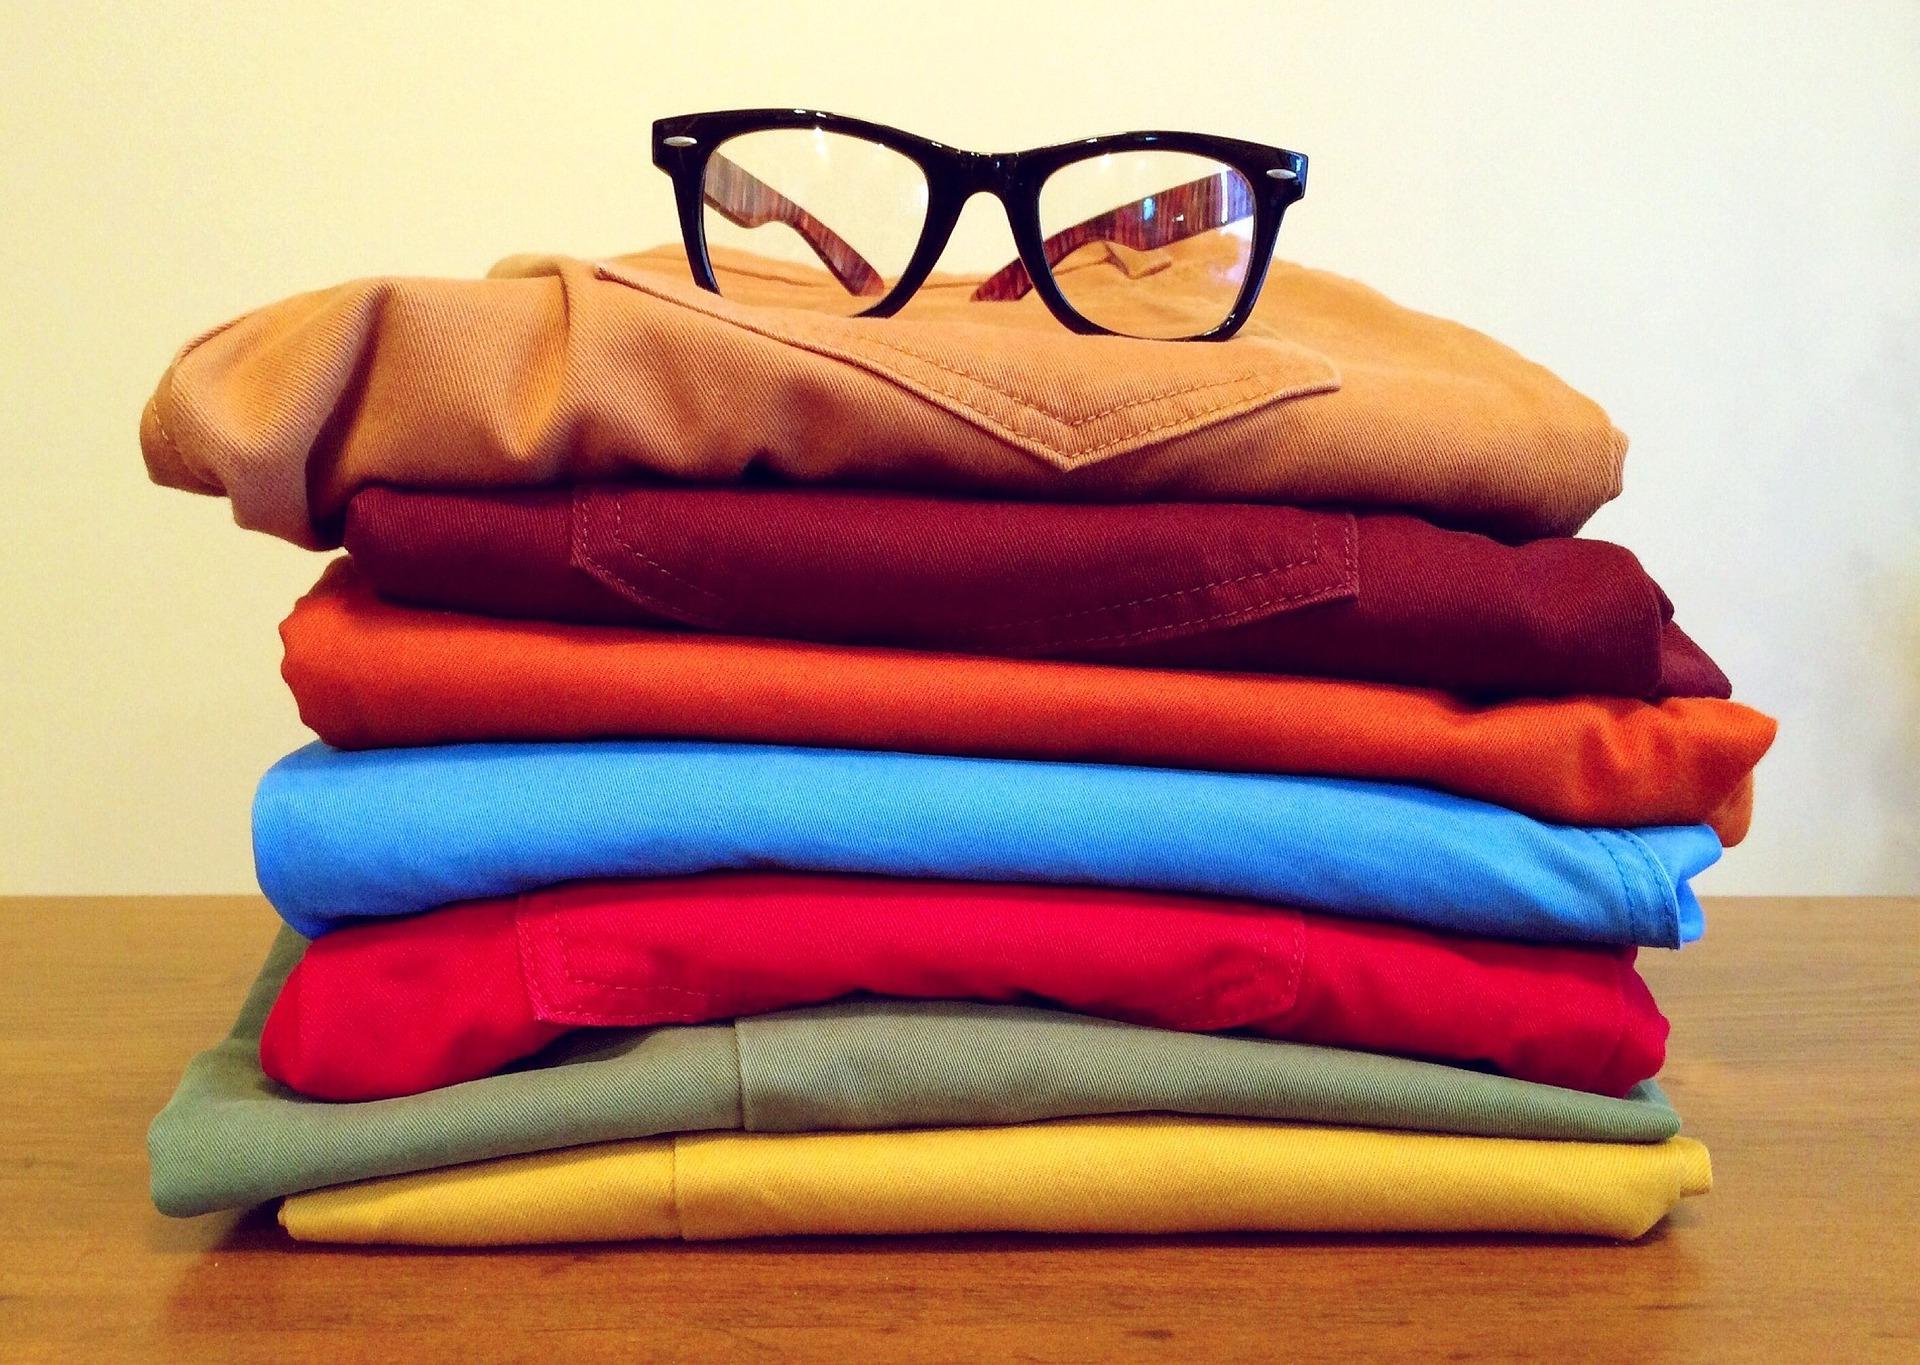 46101bc970f83 Kleidung online verkaufen zum Festpreis - Bonavendi.de